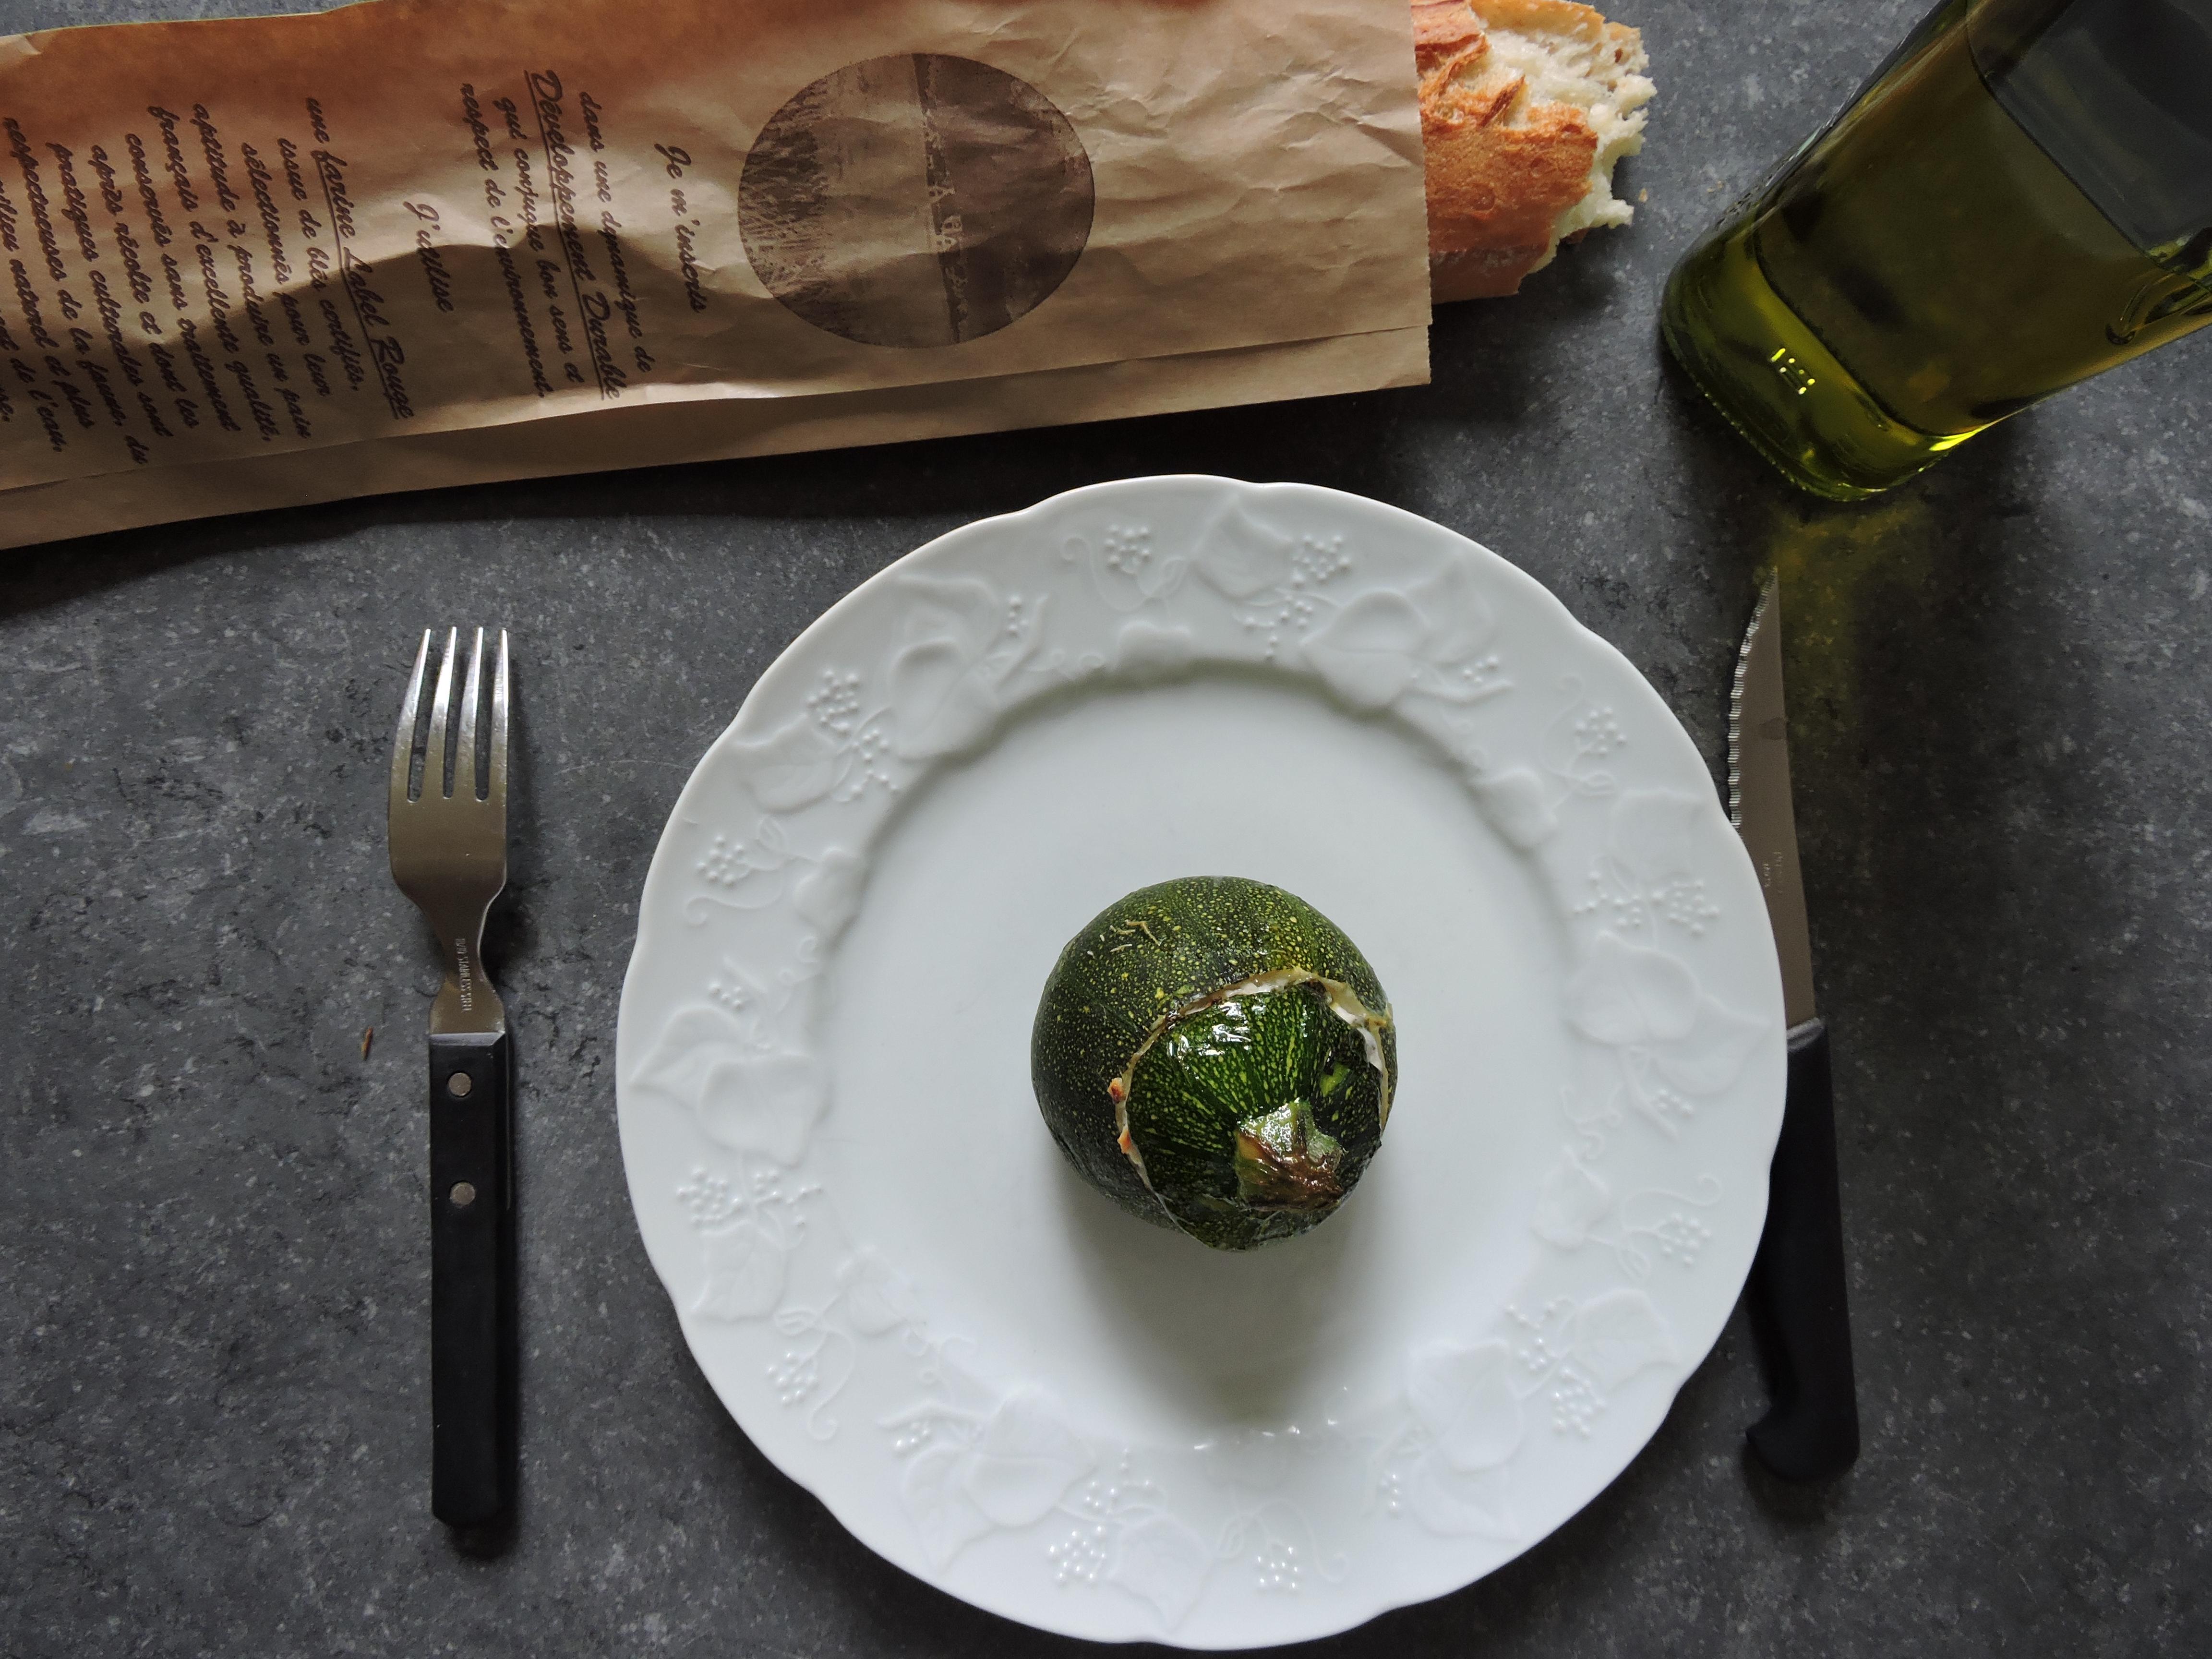 Recette de courgettes rondes farcies sans viande - The ...